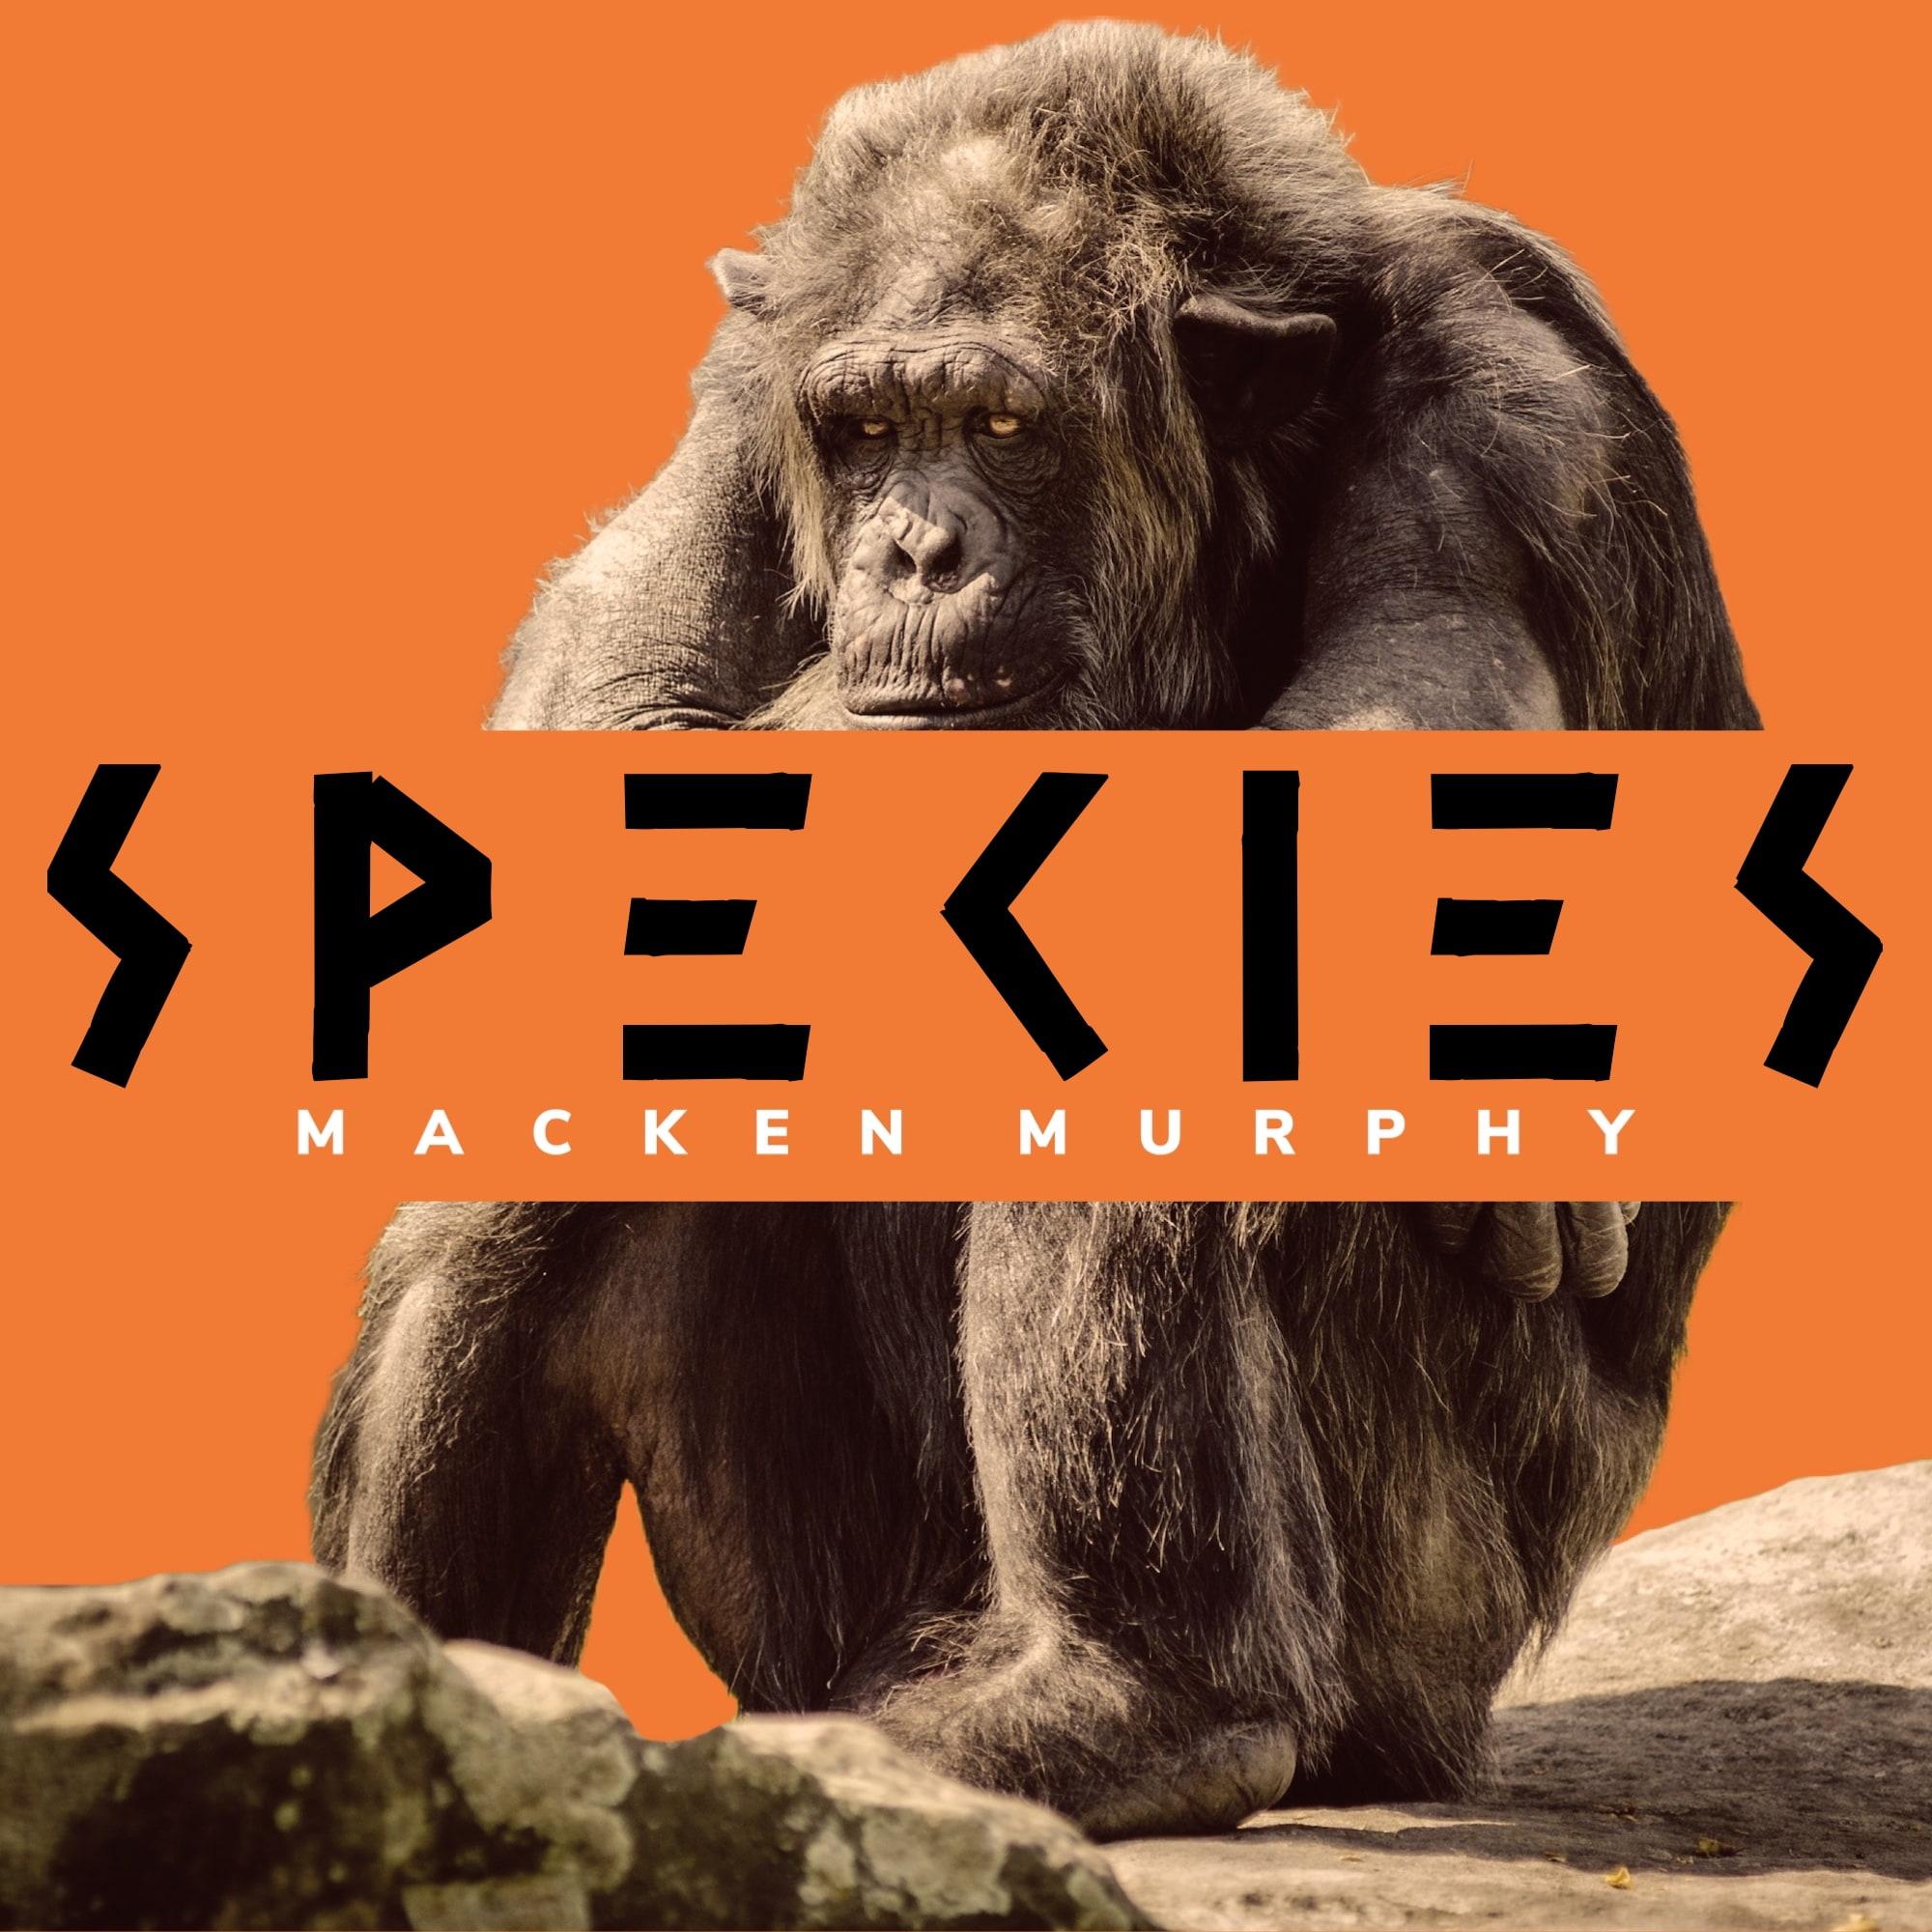 Species show art